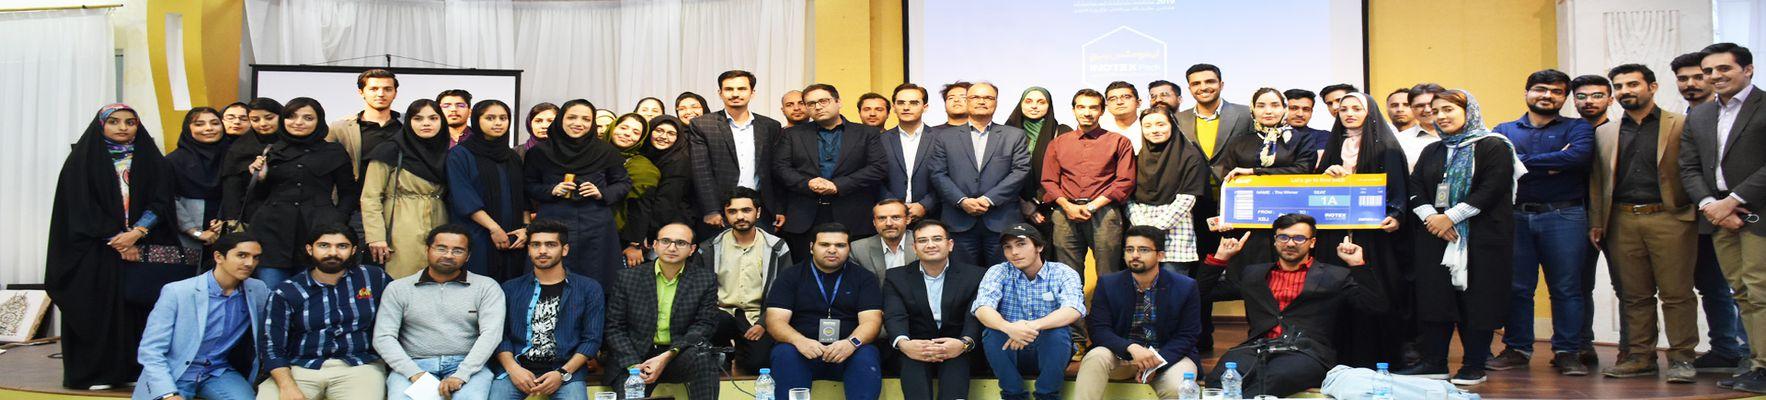 رویداد اینوتکس پیچ در بیرجند برگزار شد.